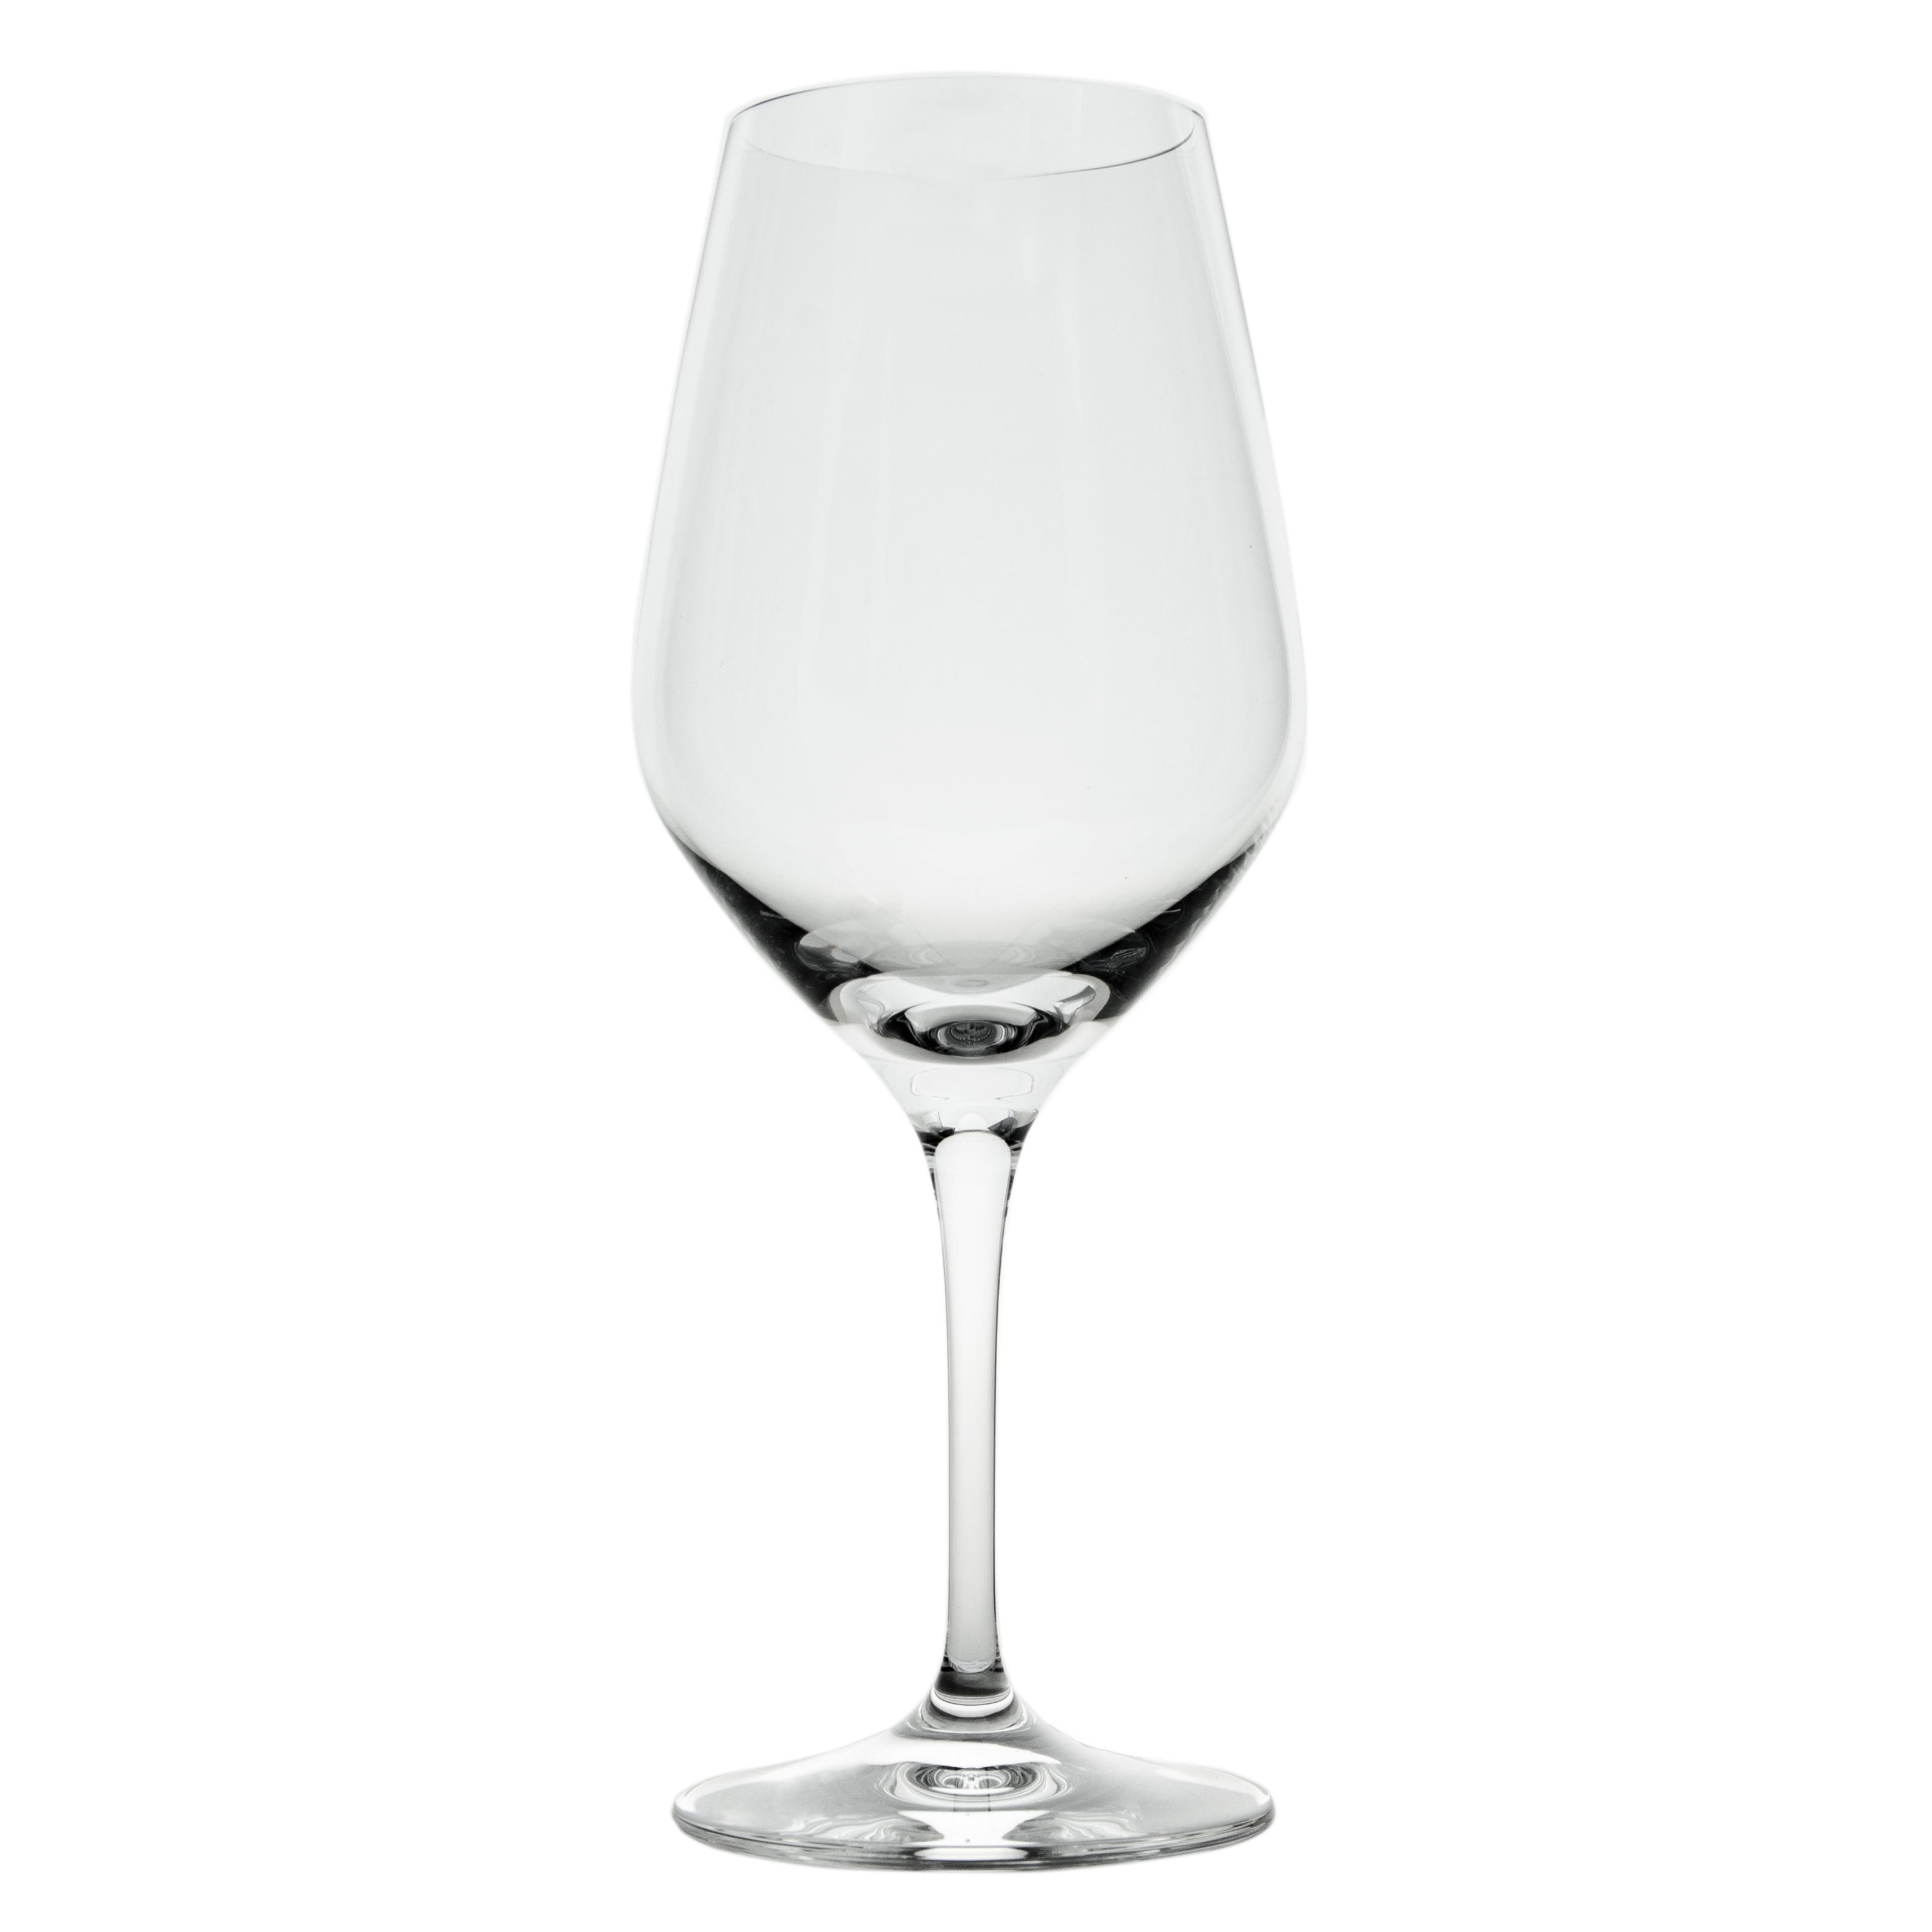 Copa n0 Arpeges de Cristal de Sèvres. Clic para comprar